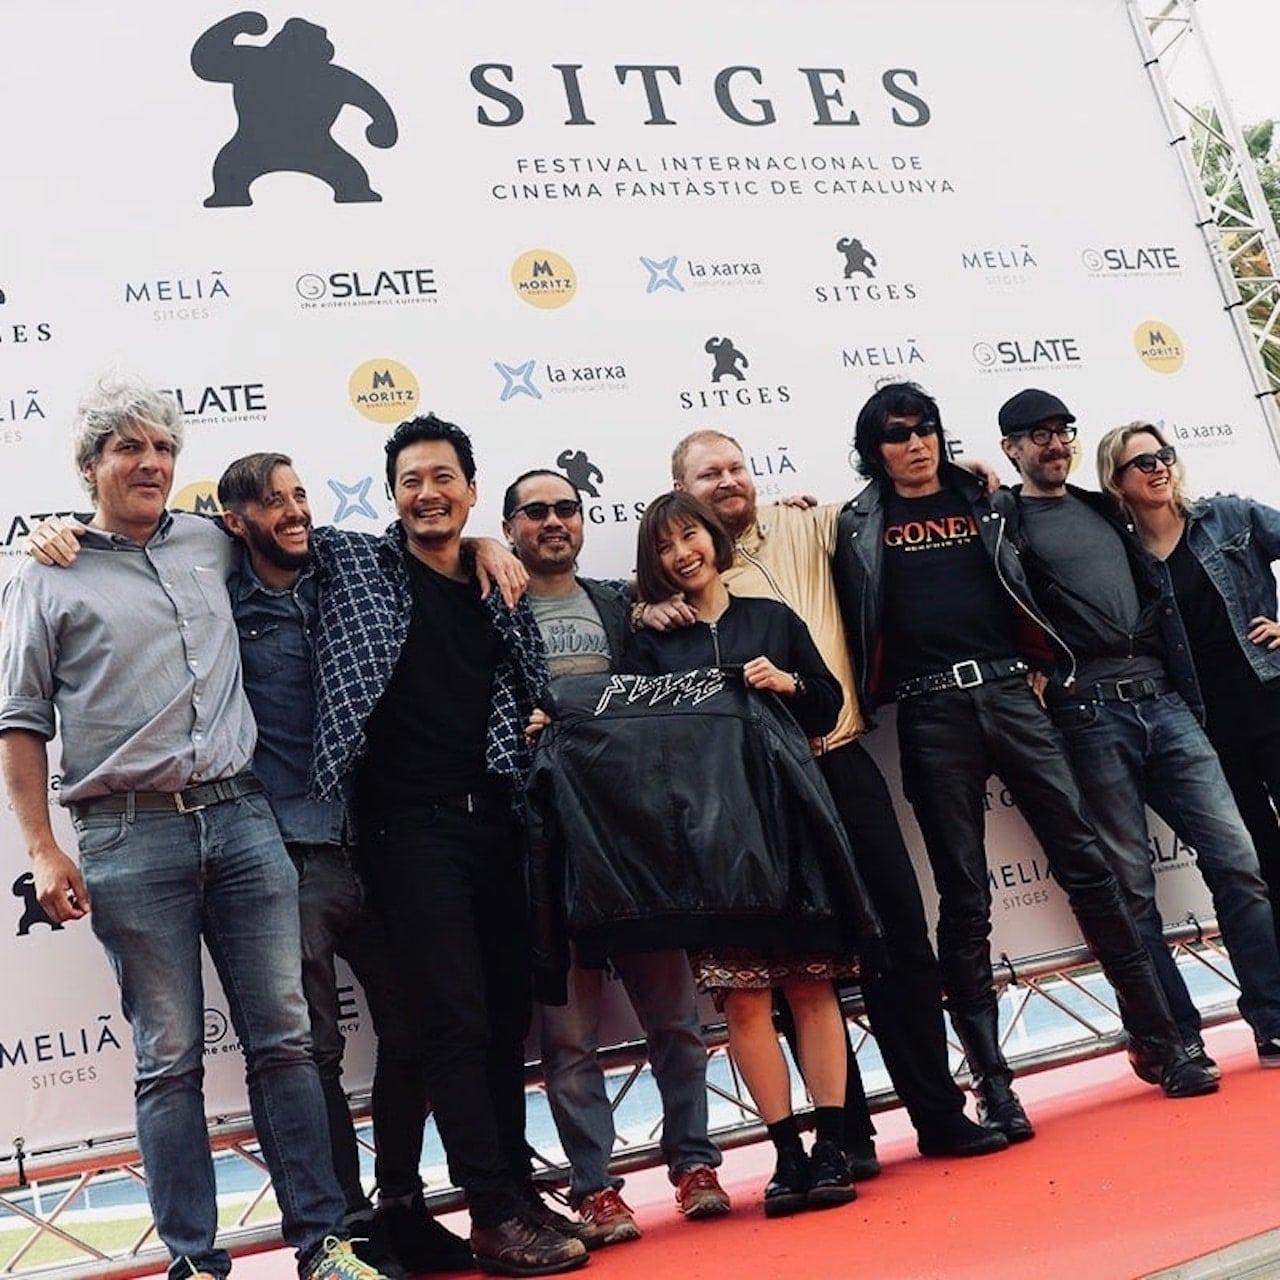 FONOTUNE シッチェス カタロニア映画祭